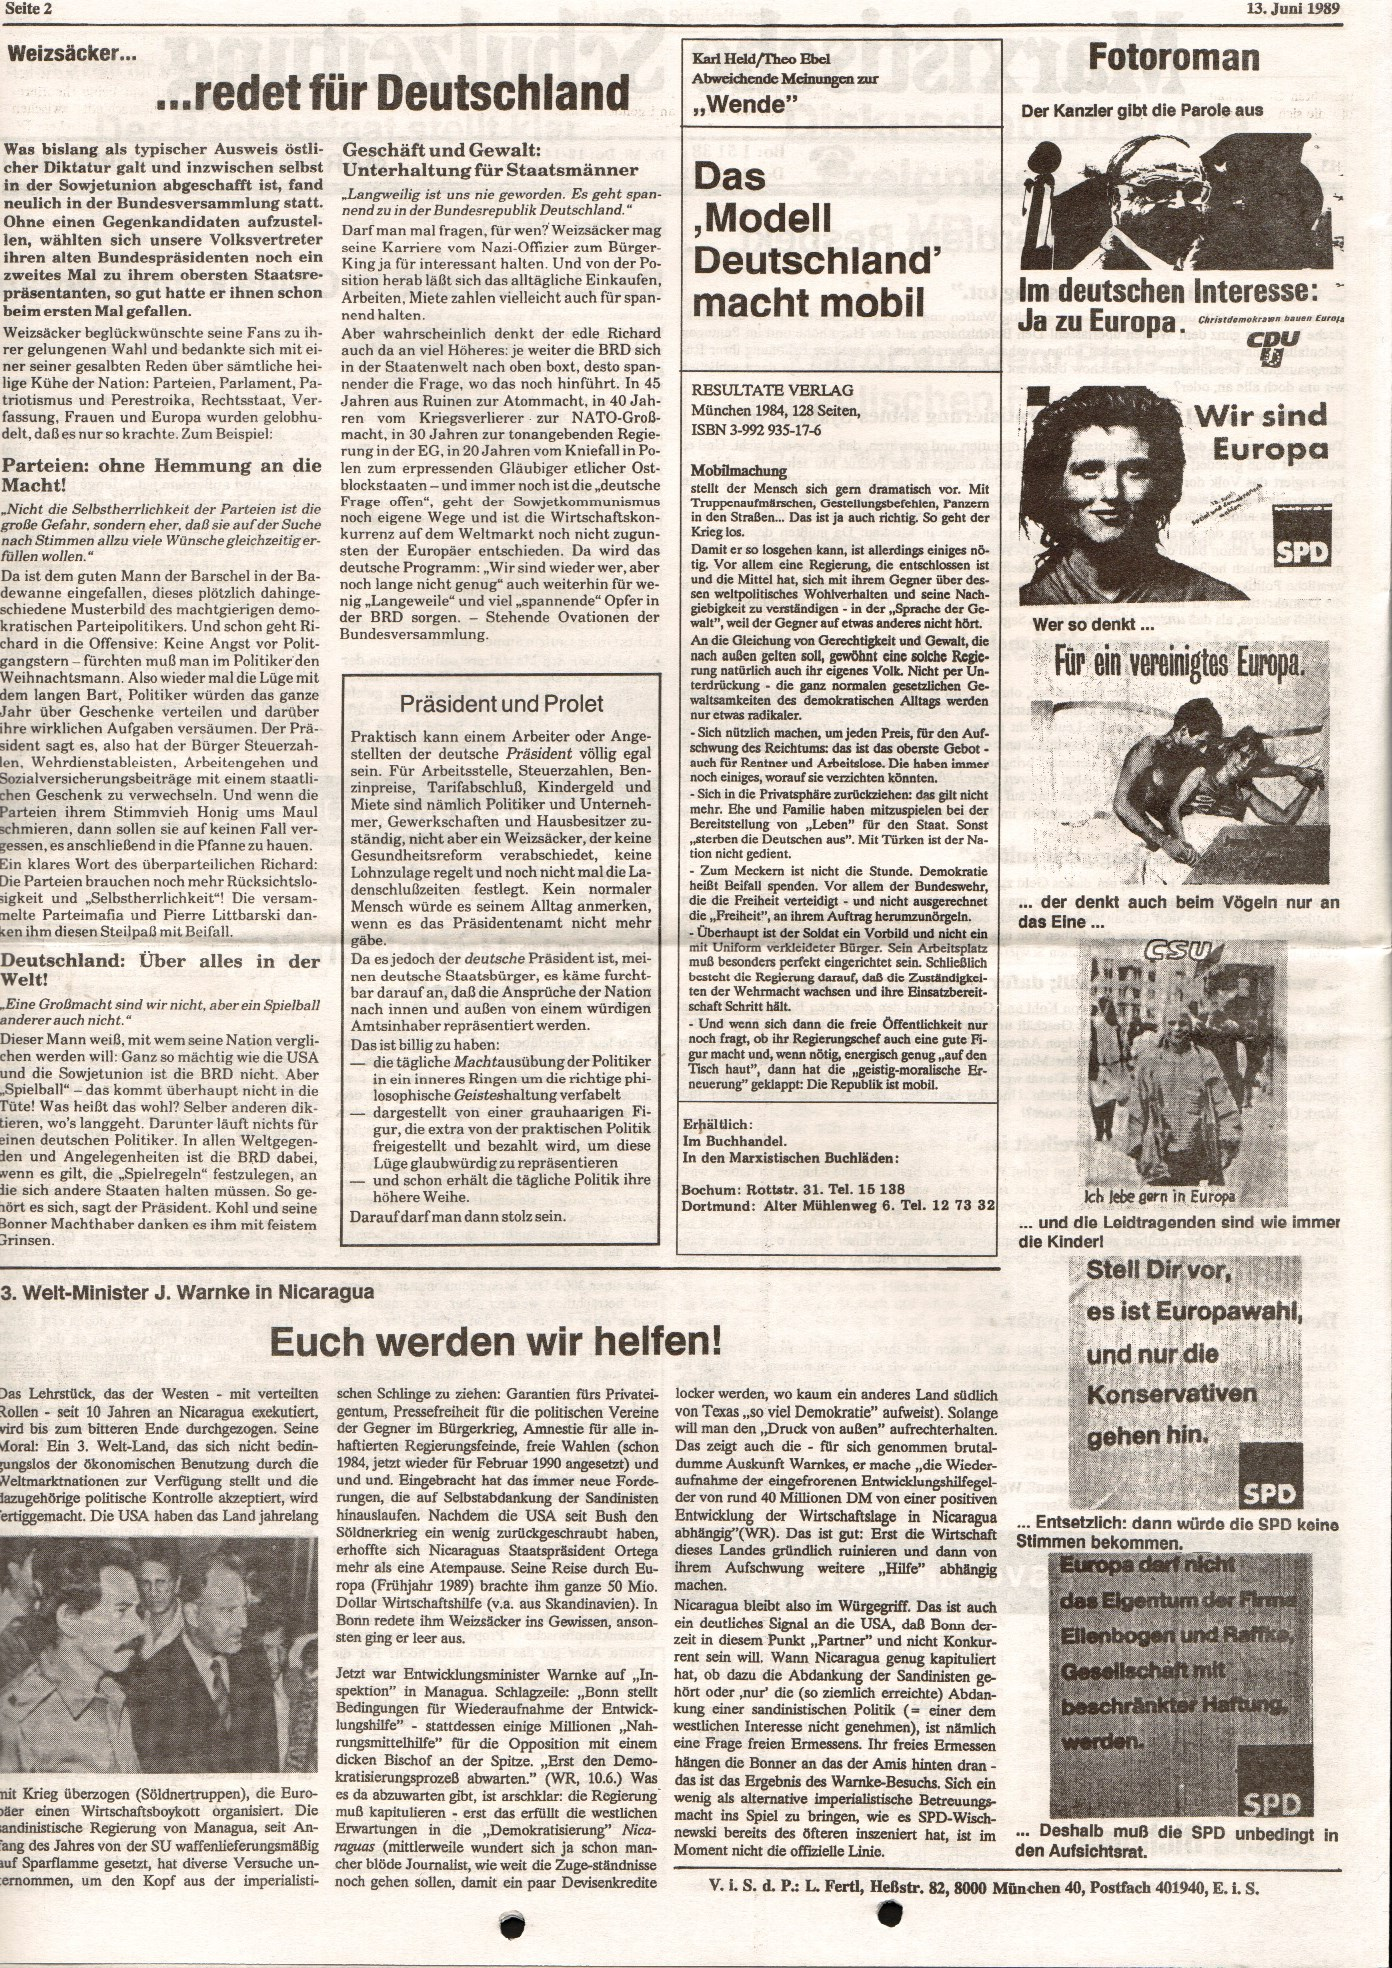 Ruhrgebiet_MG_Marxistische_Schulzeitung_19890613_02